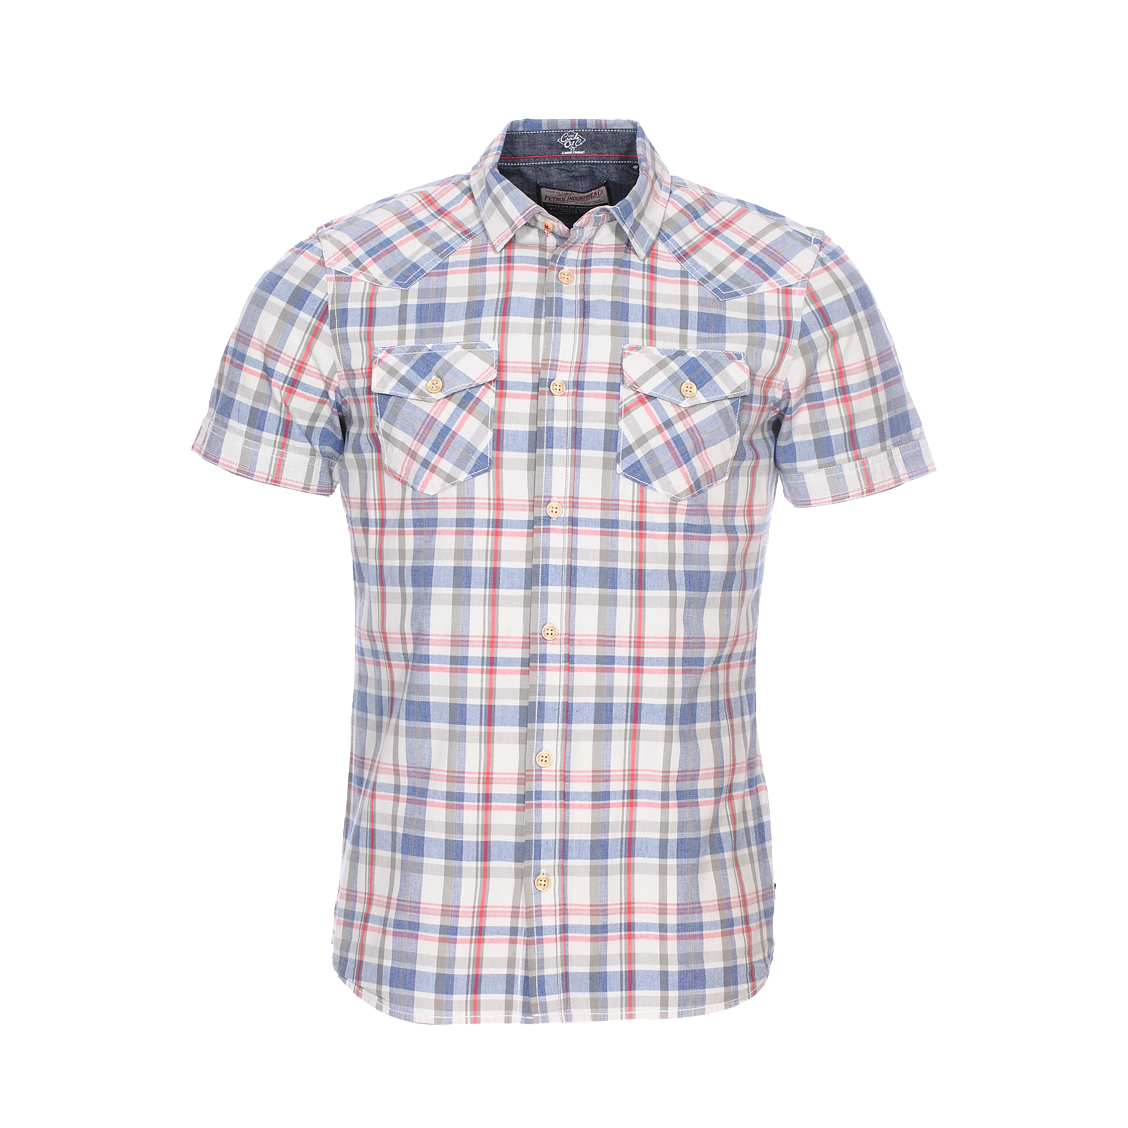 Chemise ajustée manches courtes  en coton gris à carreaux bleus, rouges et gris